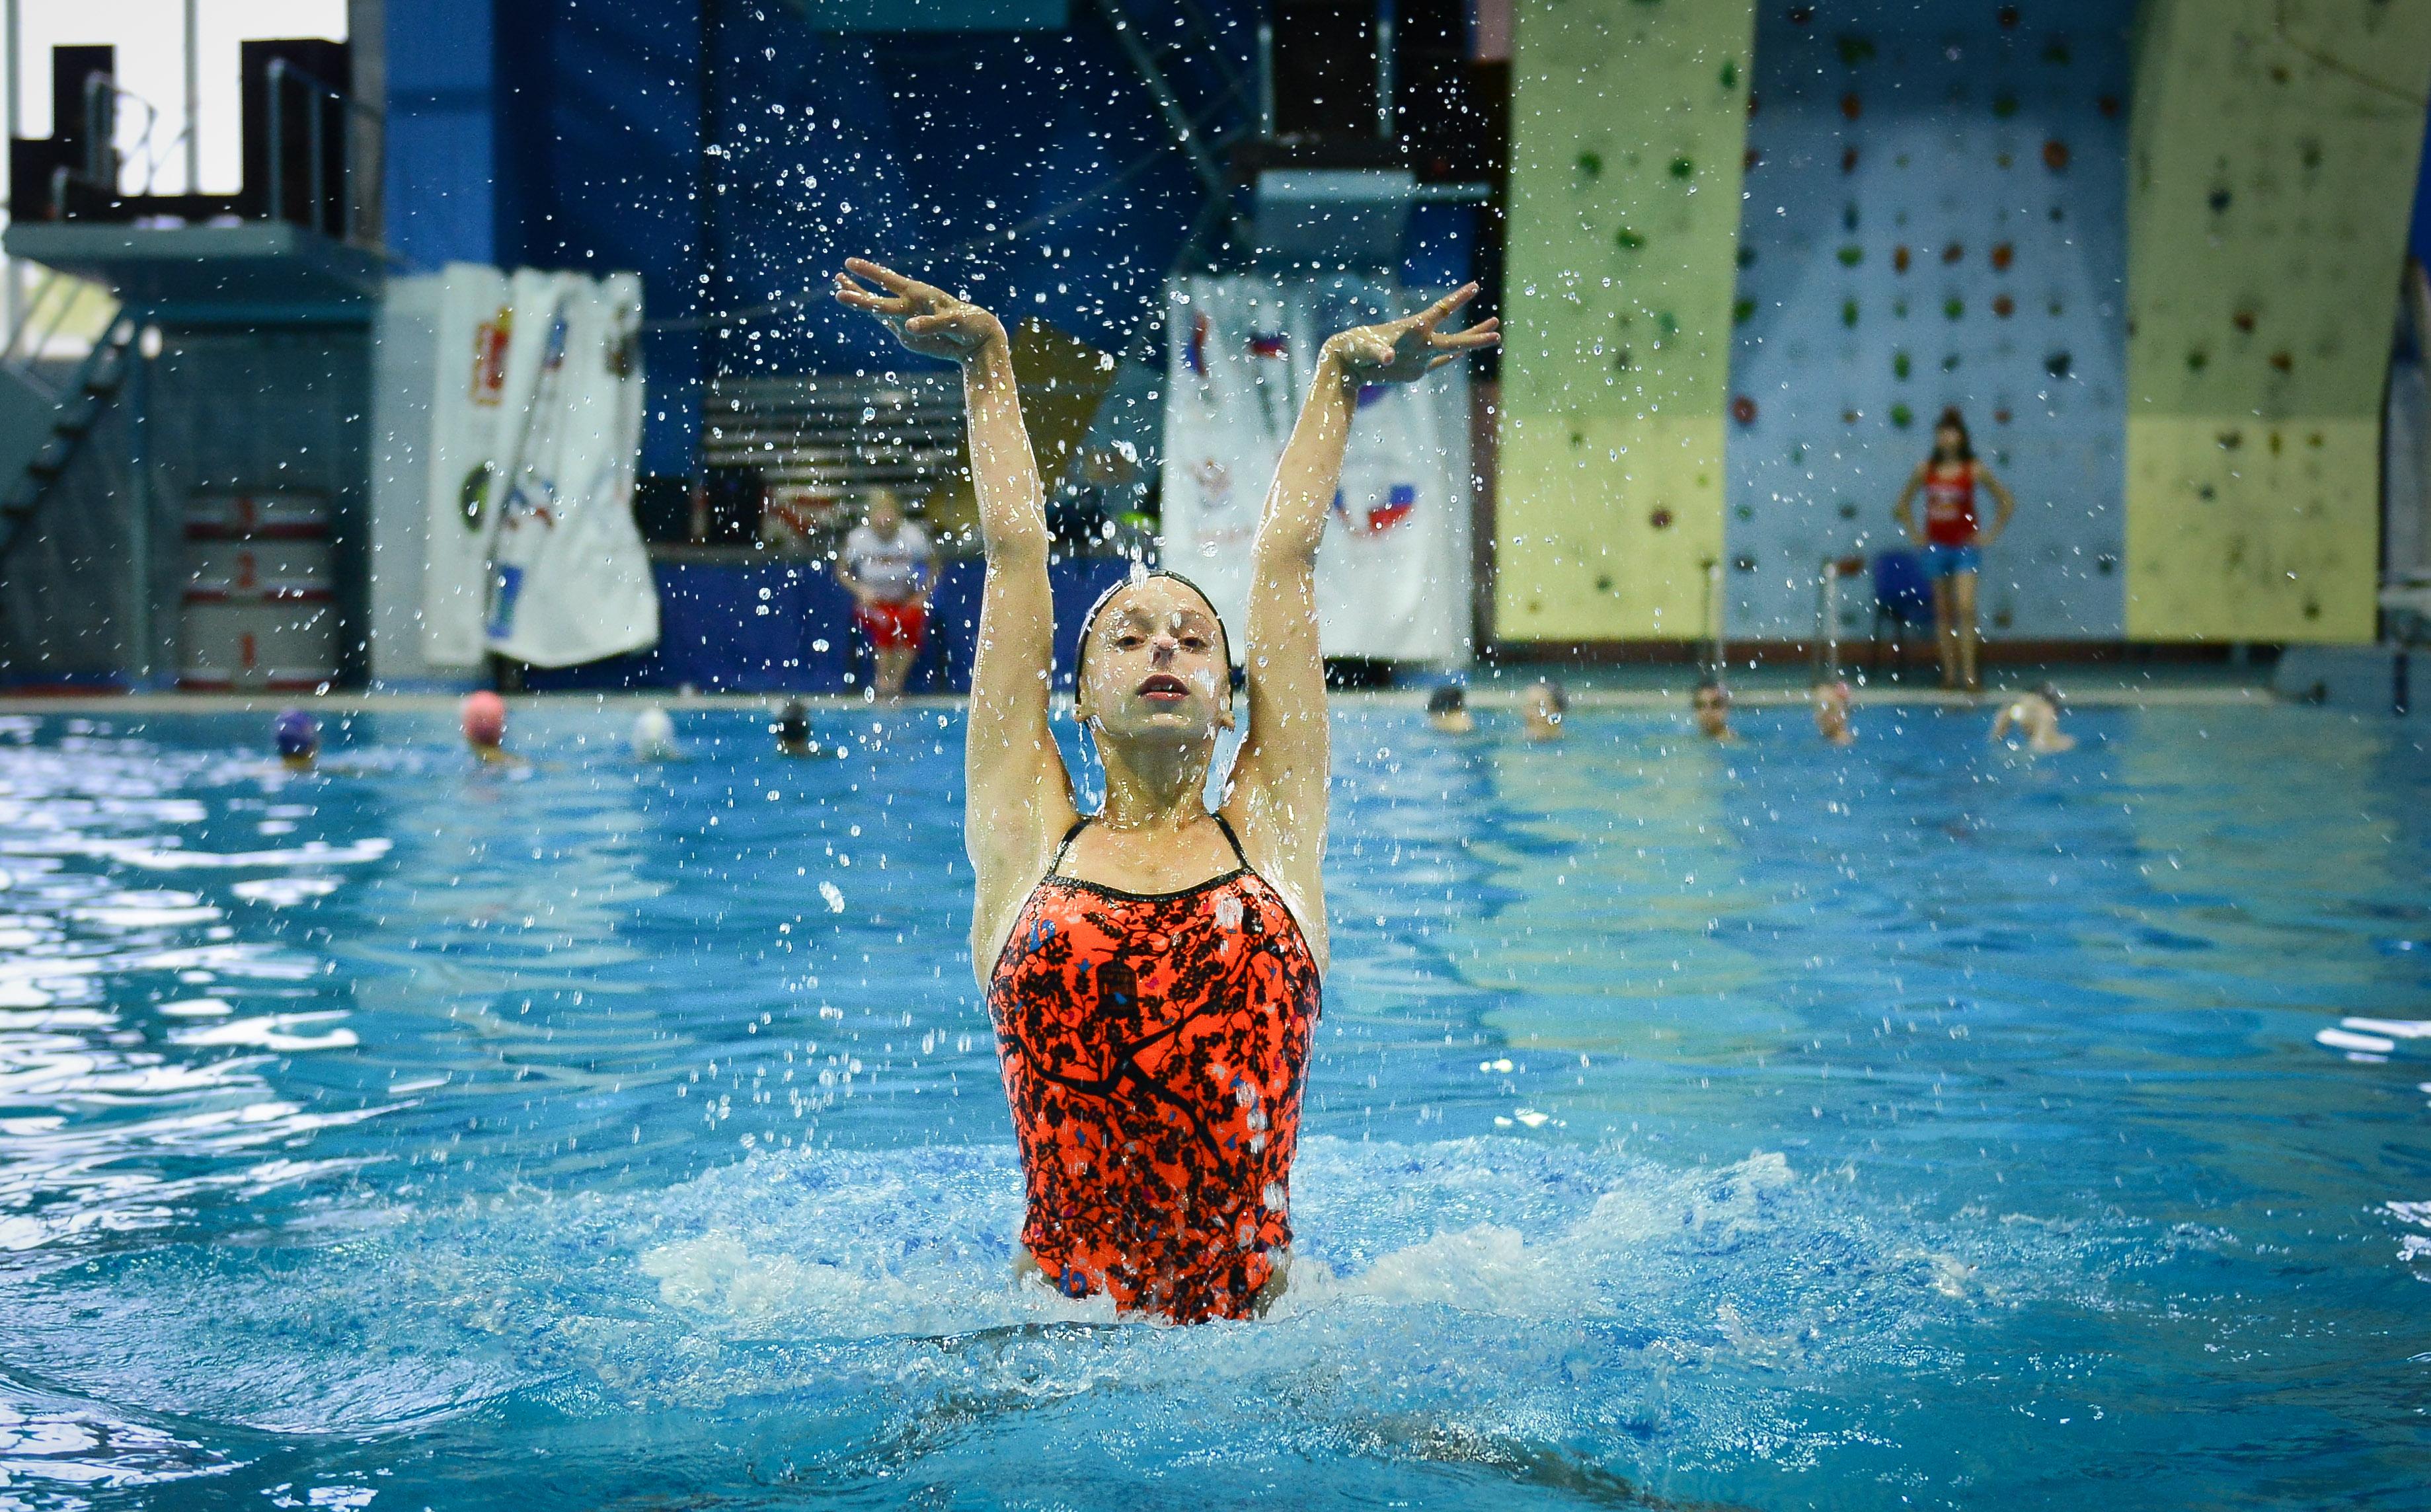 Спортивный комплекс с бассейном построят в Орехове-Борисове Южном